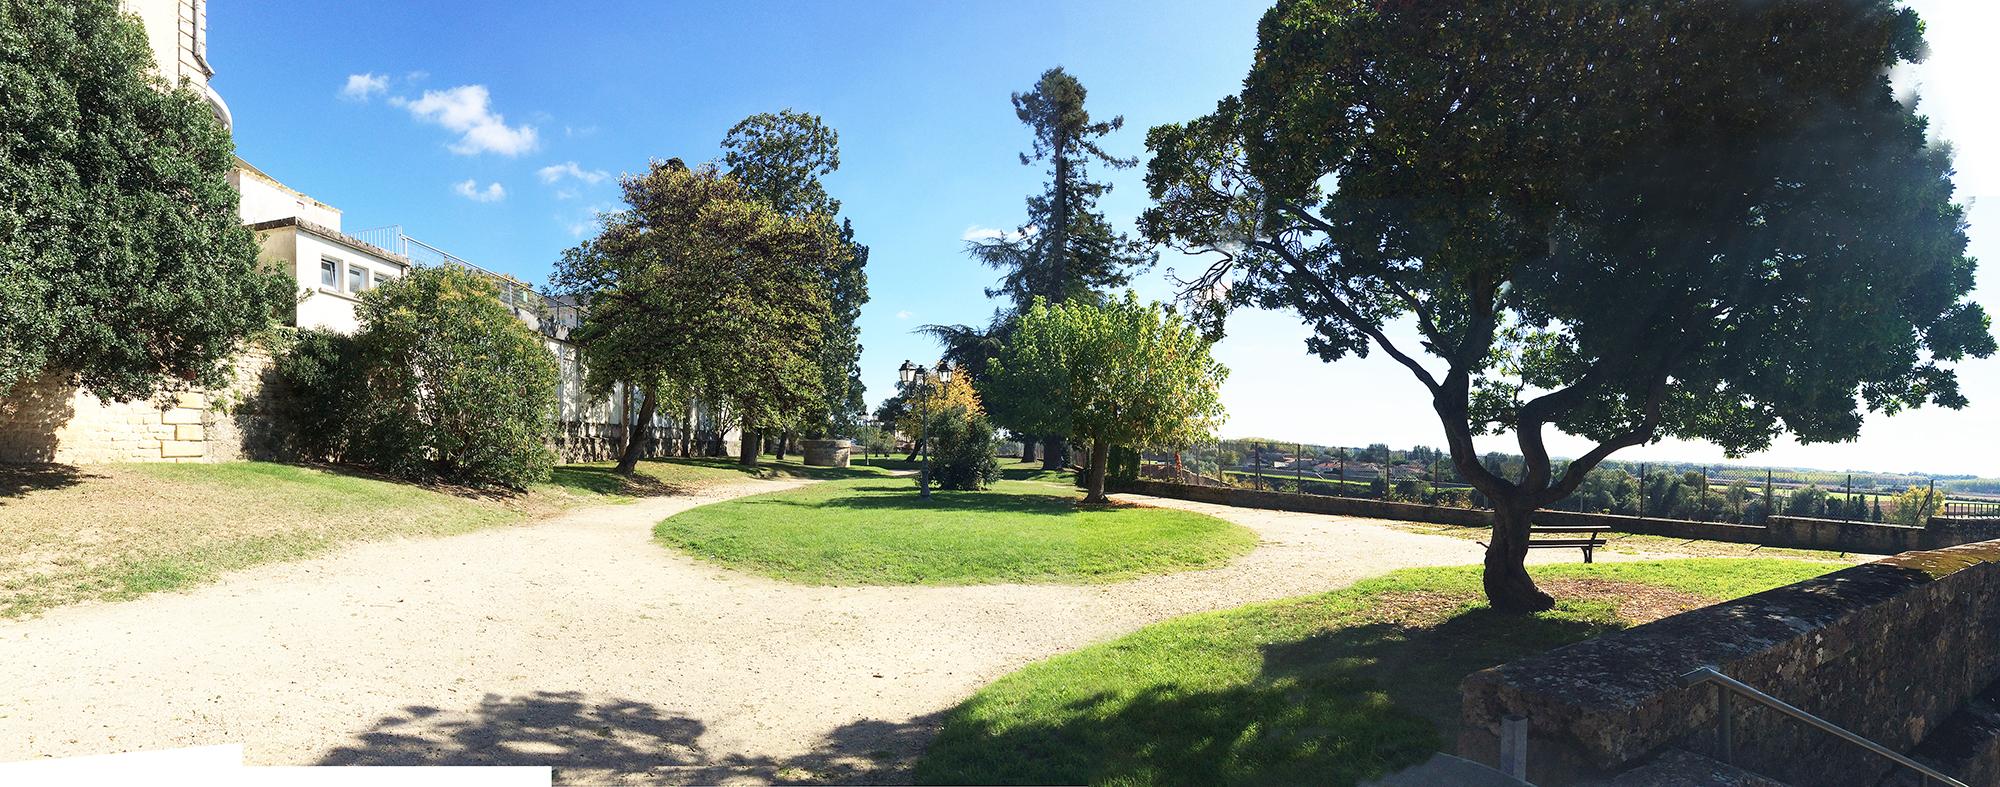 jardin-public-EDL.jpg